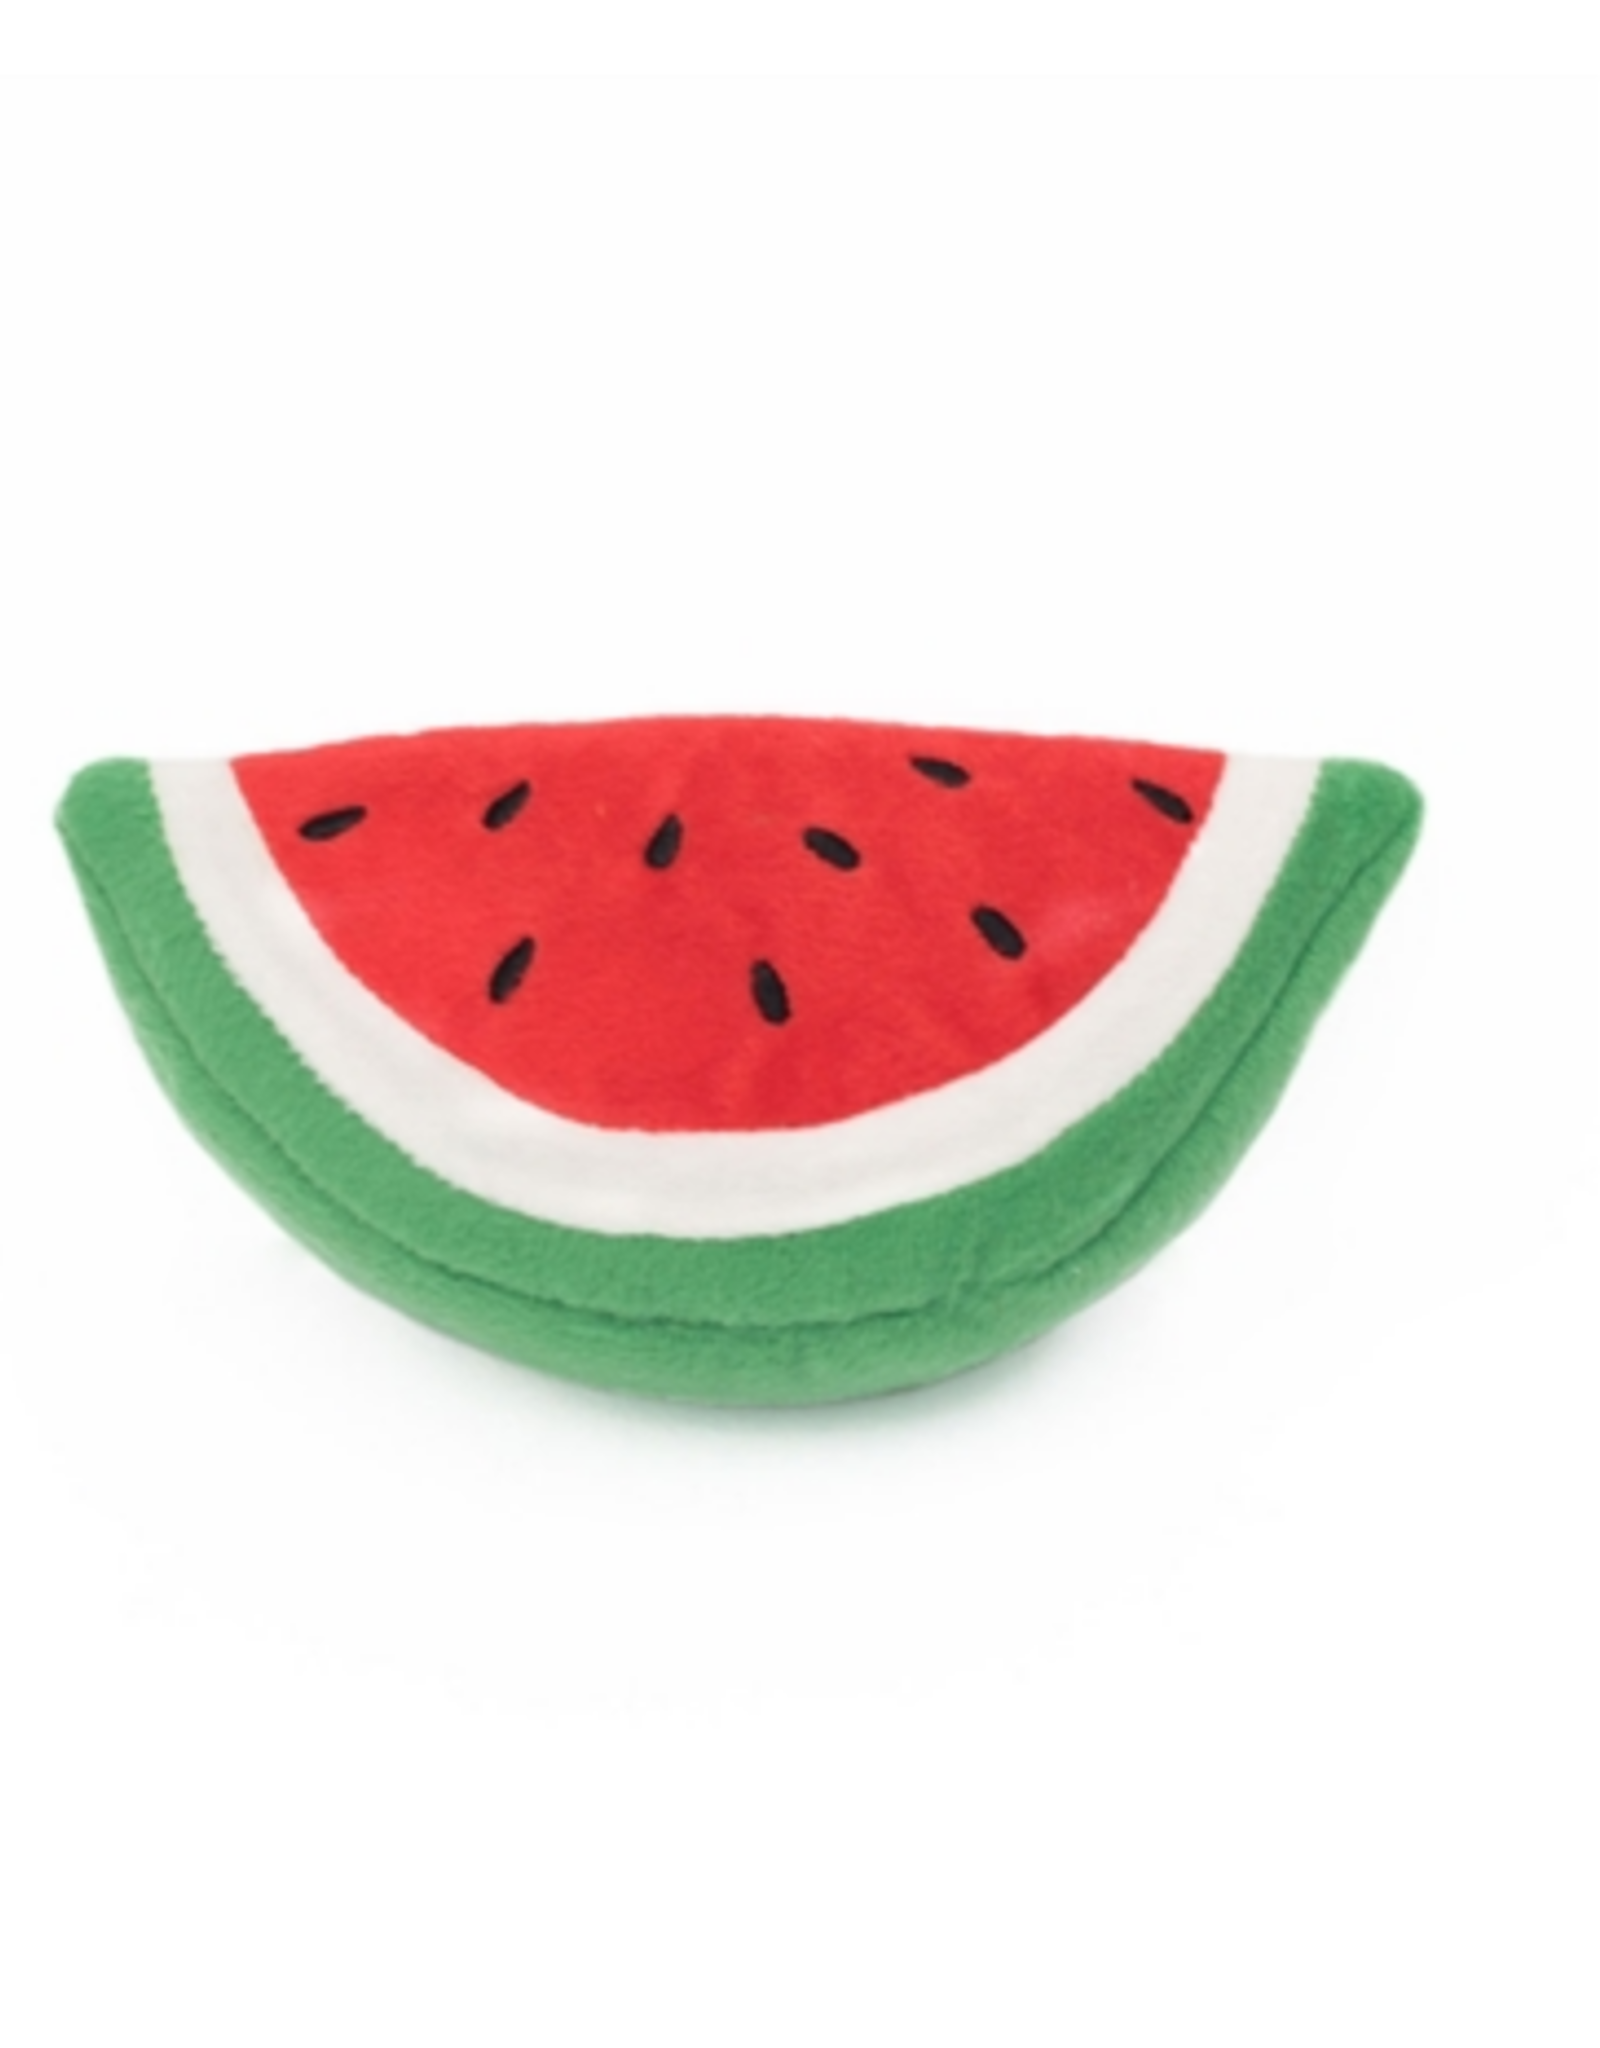 ZippyPaws ZippyPaws NomNomz Watermelon